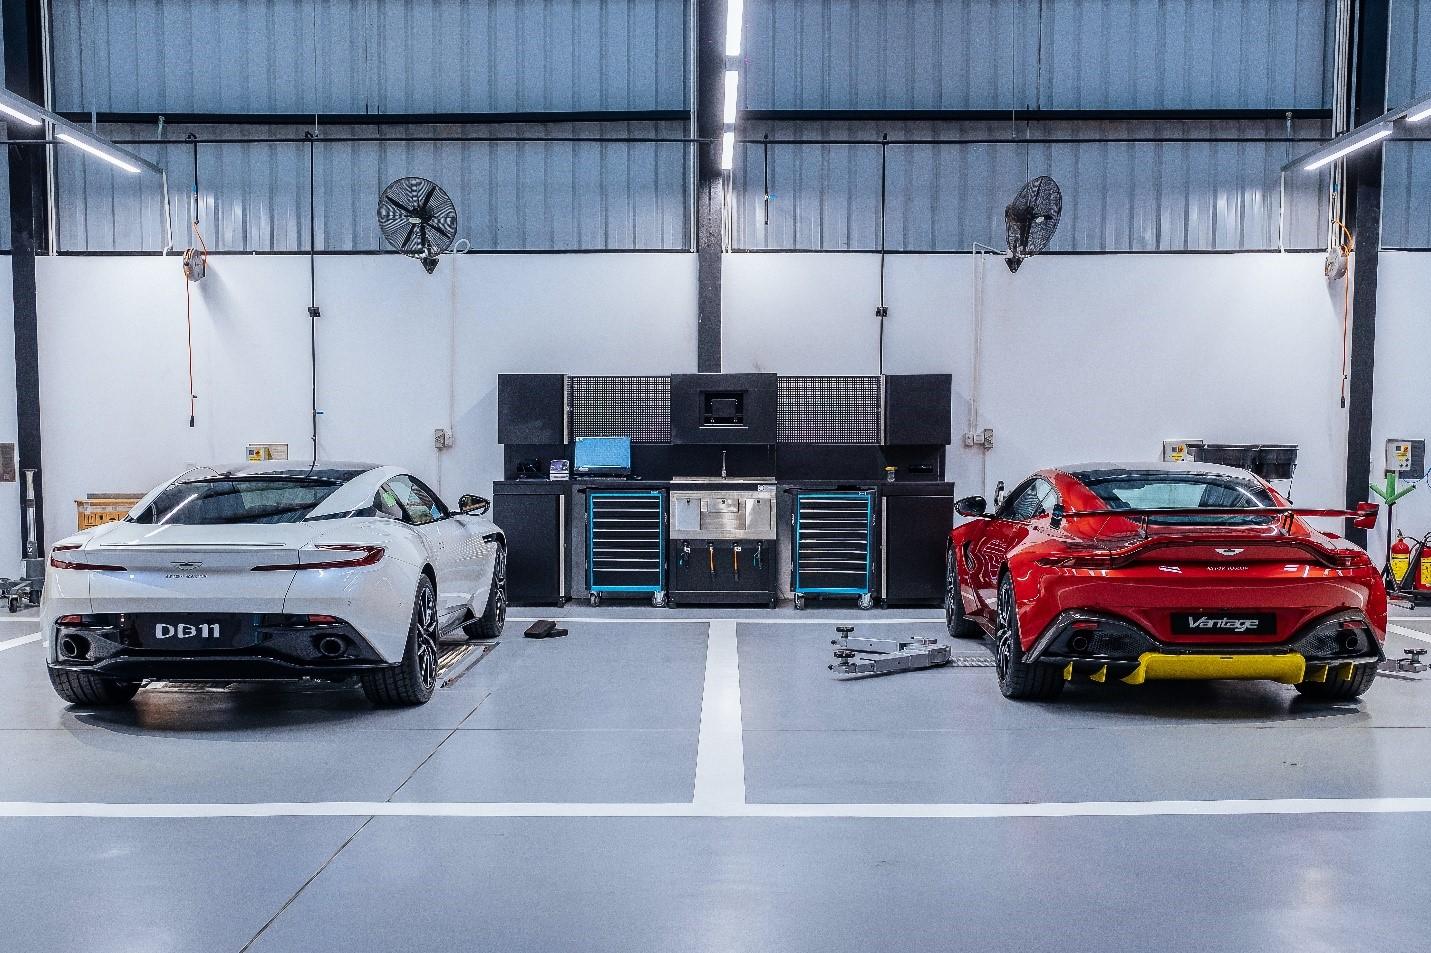 Hai mẫu xe Aston Martin trong xưởng dịch vụ chính hãng.